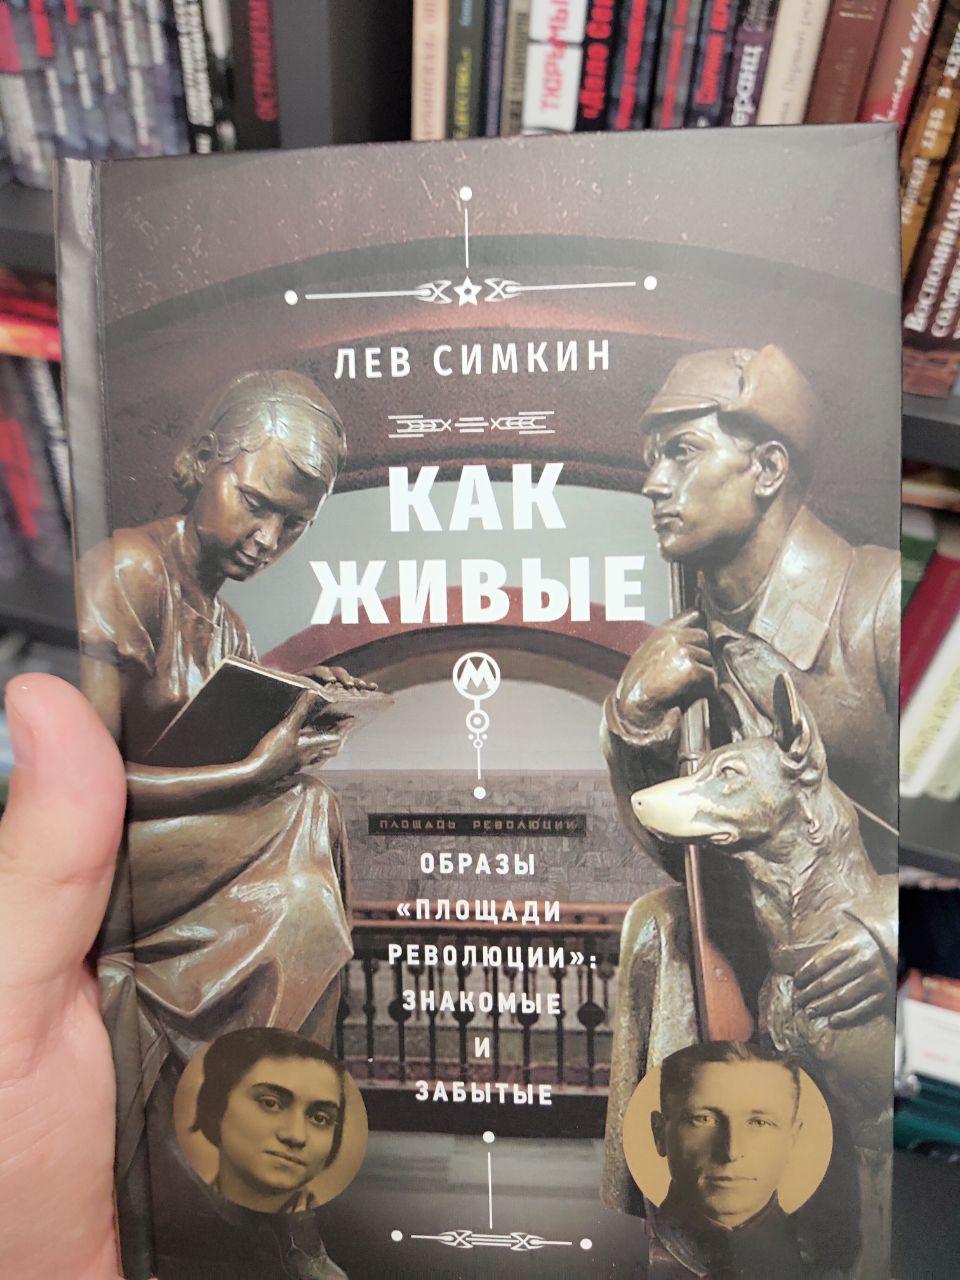 Интересную книгу увидел в книжном «Фаланстер». О легендарных статуях станции...